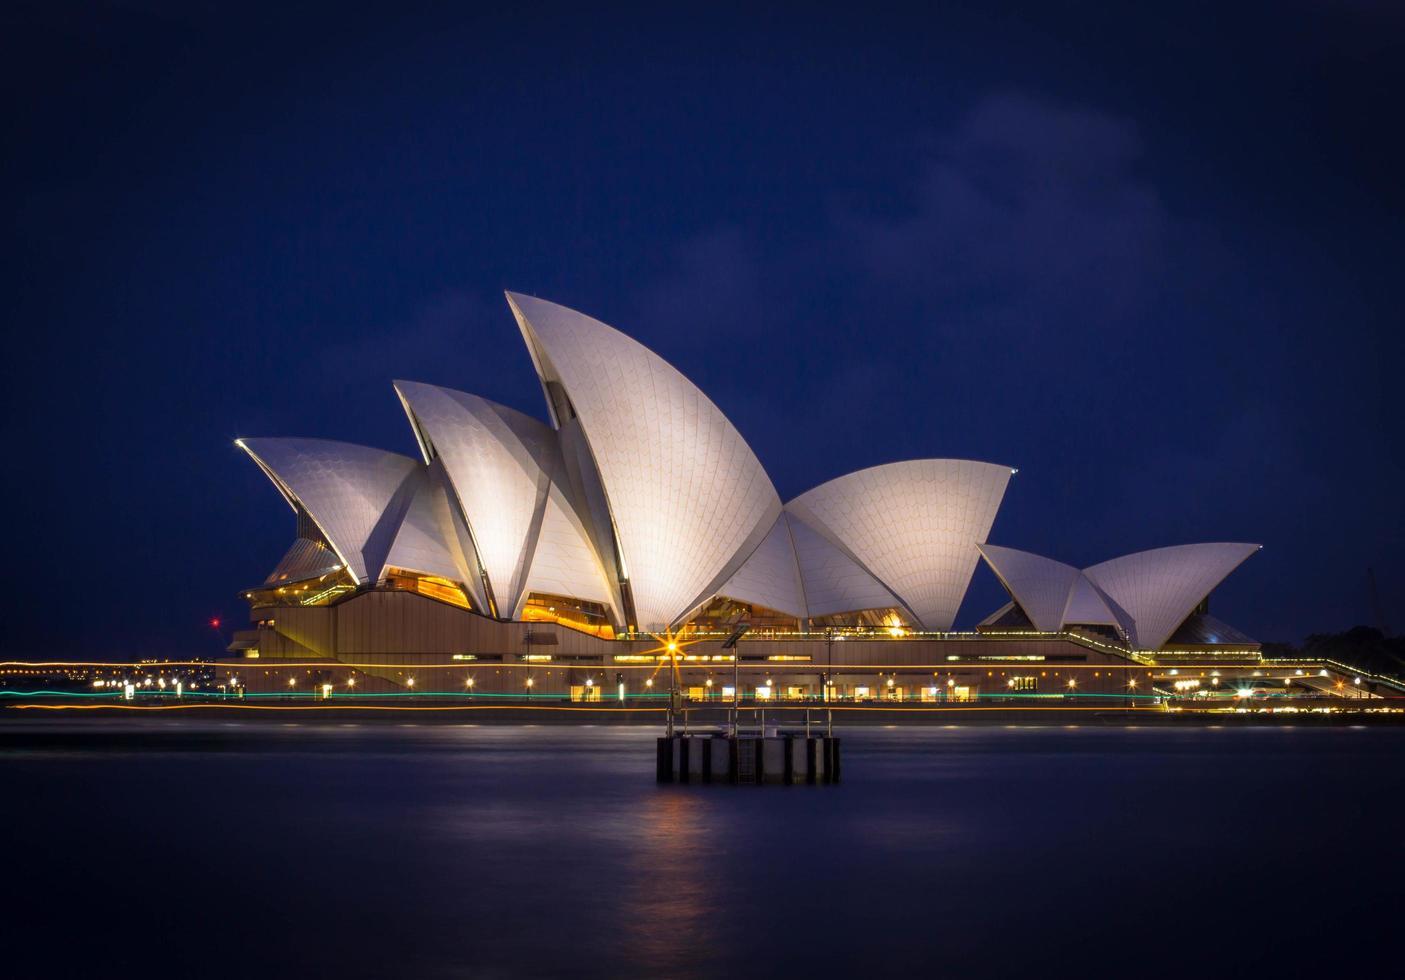 Sydney, Australia, 2020 - Sydney Opera House at night photo